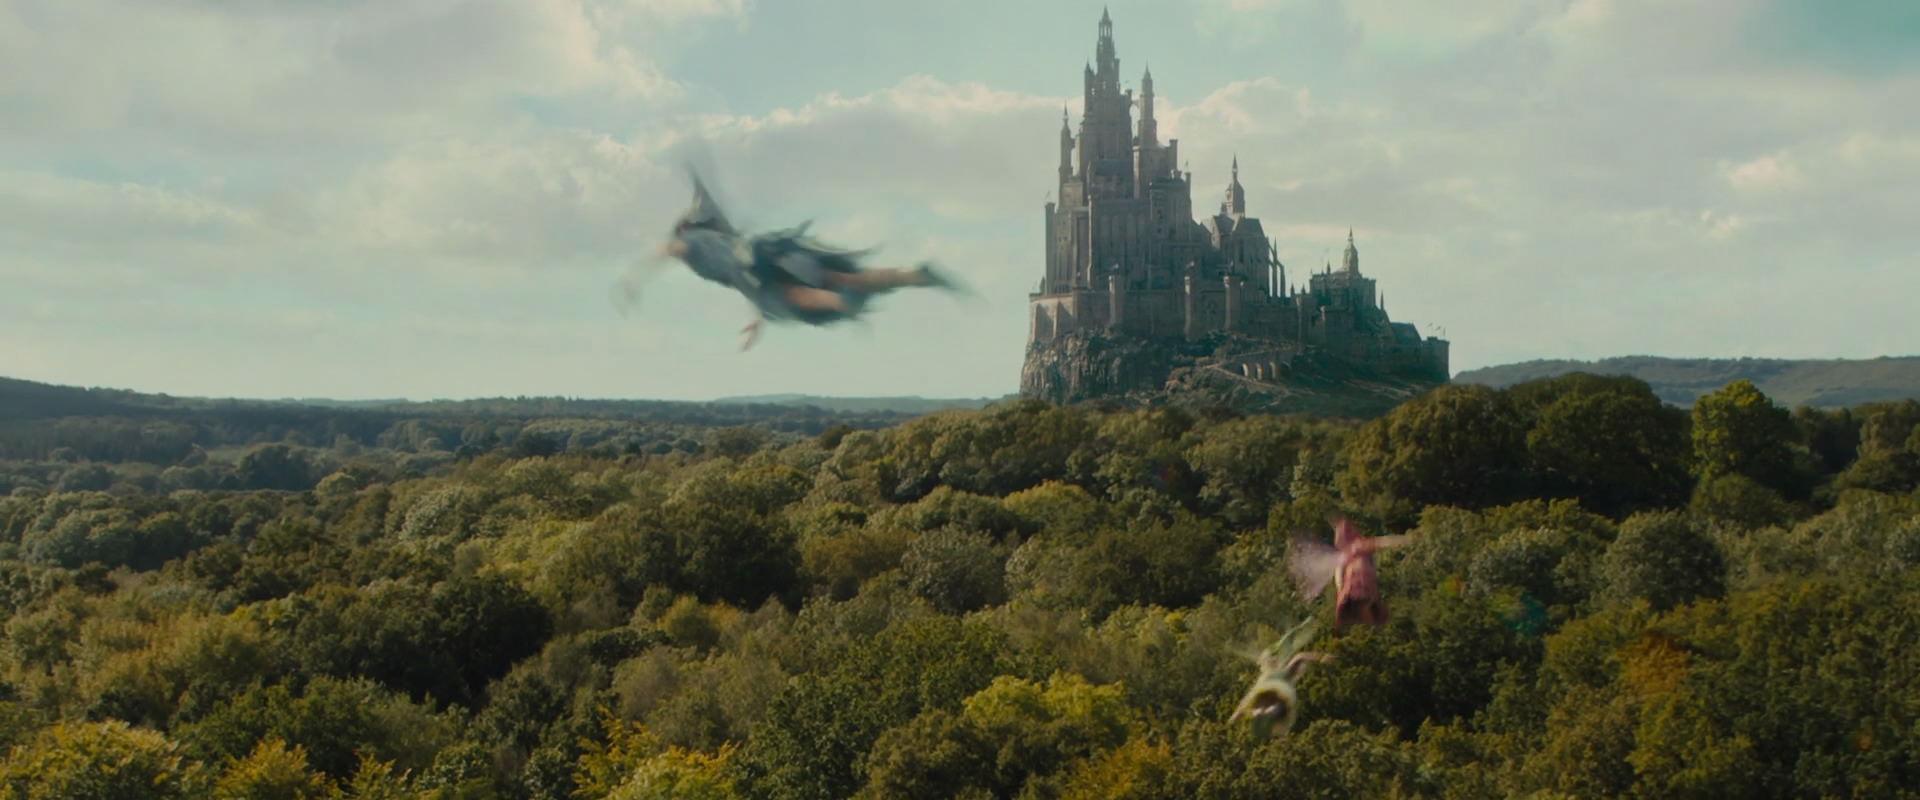 King Stefan S Castle Maleficent Castle Maleficent 2014